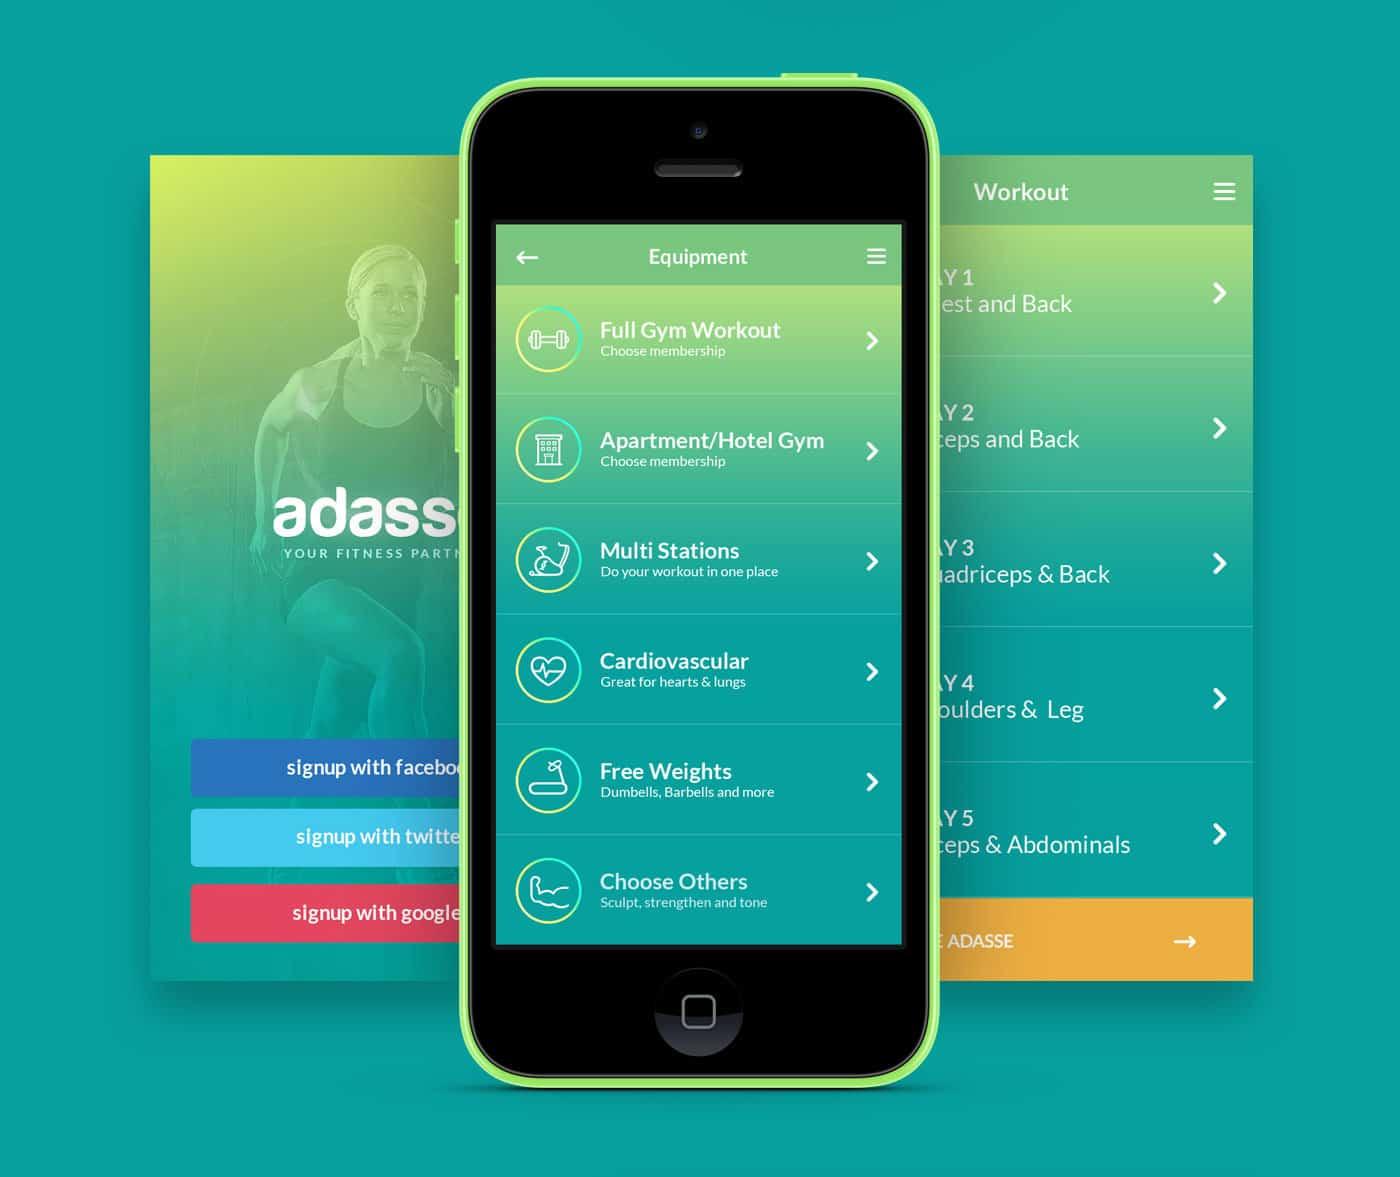 F9bf028abf5a681dbce8f18738431916 App Design Ideas